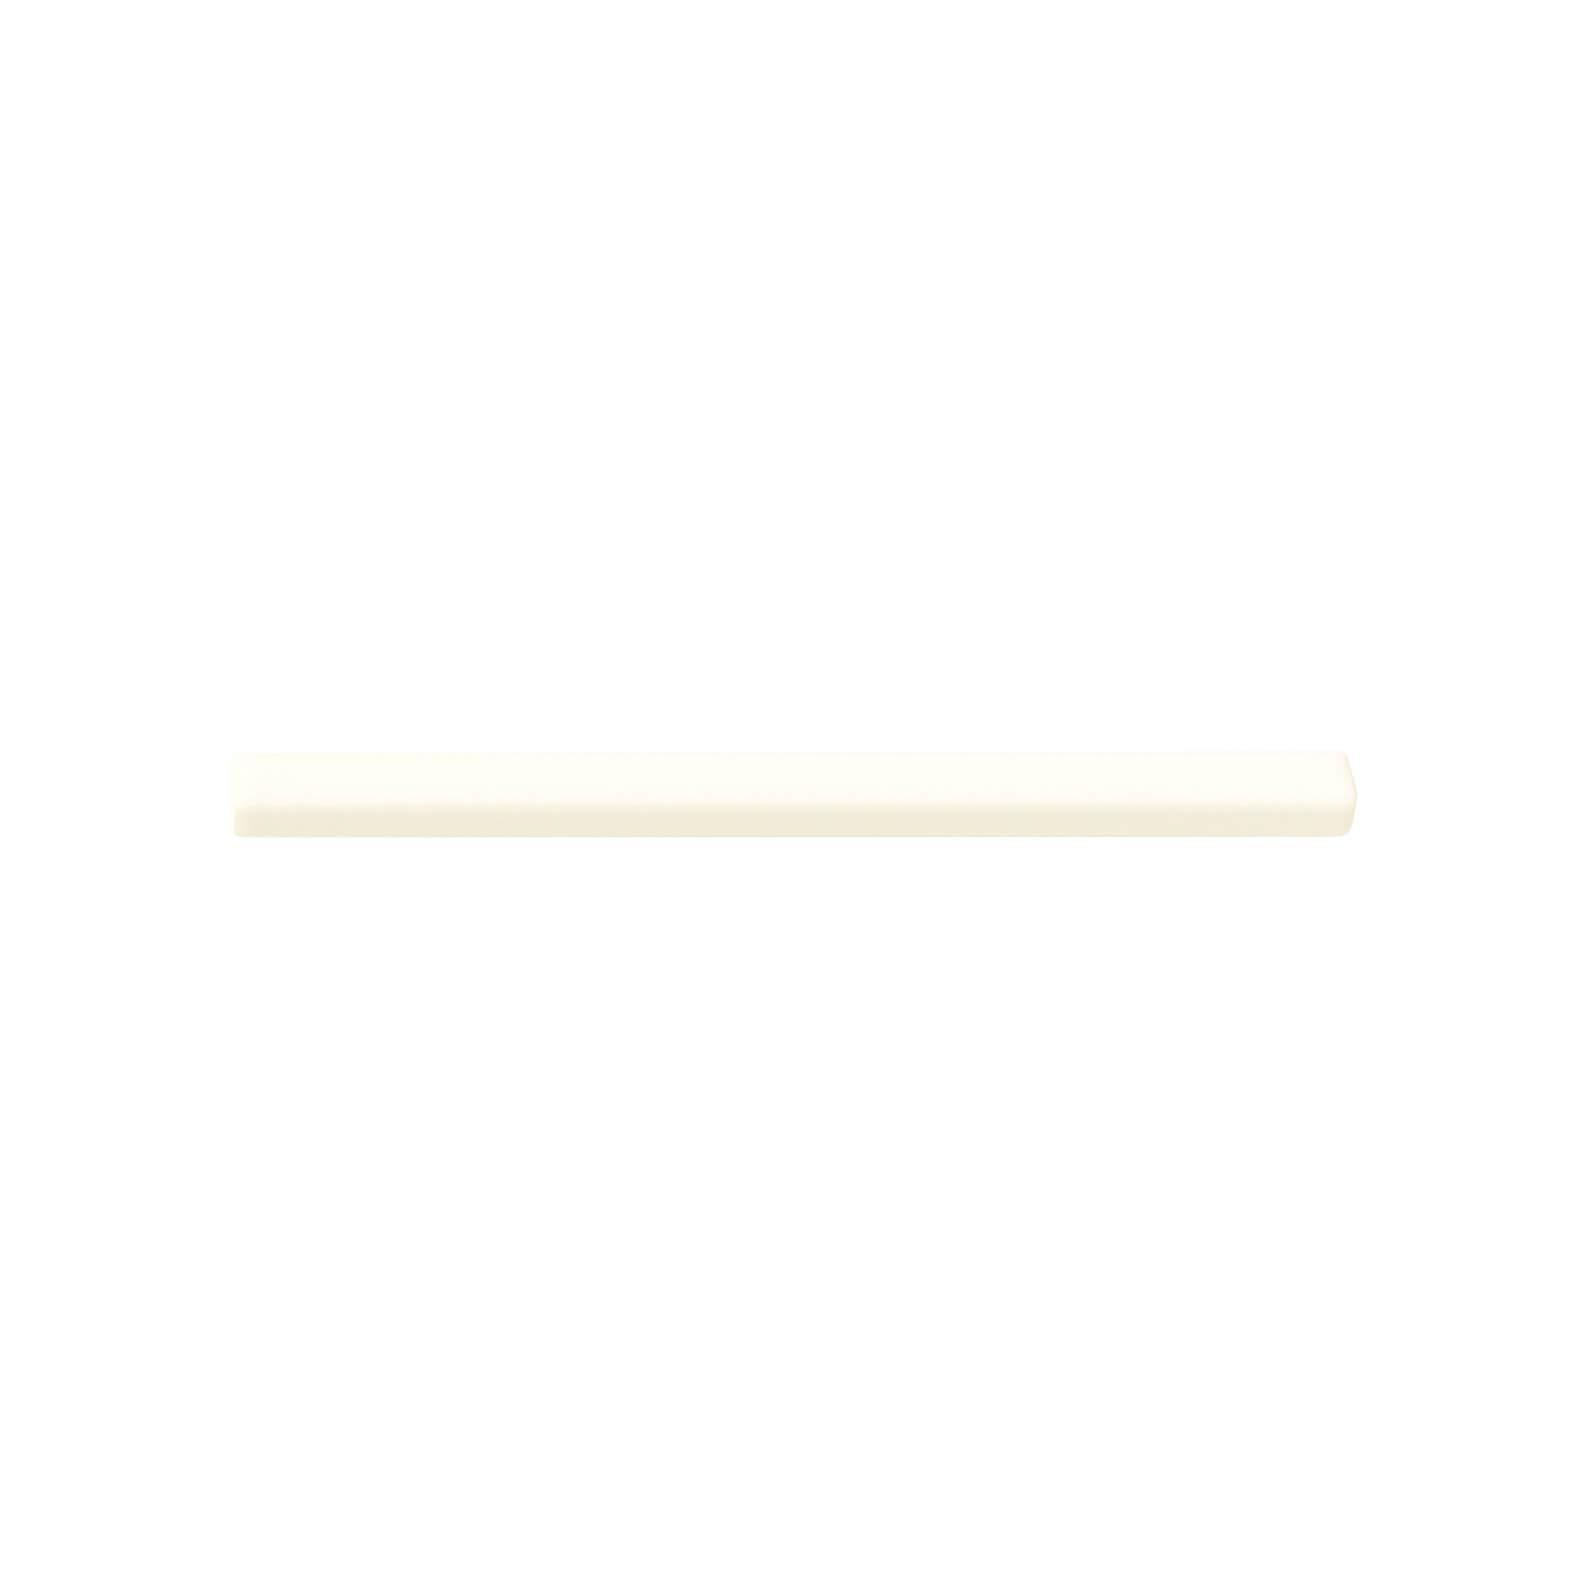 ADST5175 - BULLNOSE TRIM - 0.75 cm X 14.8 cm